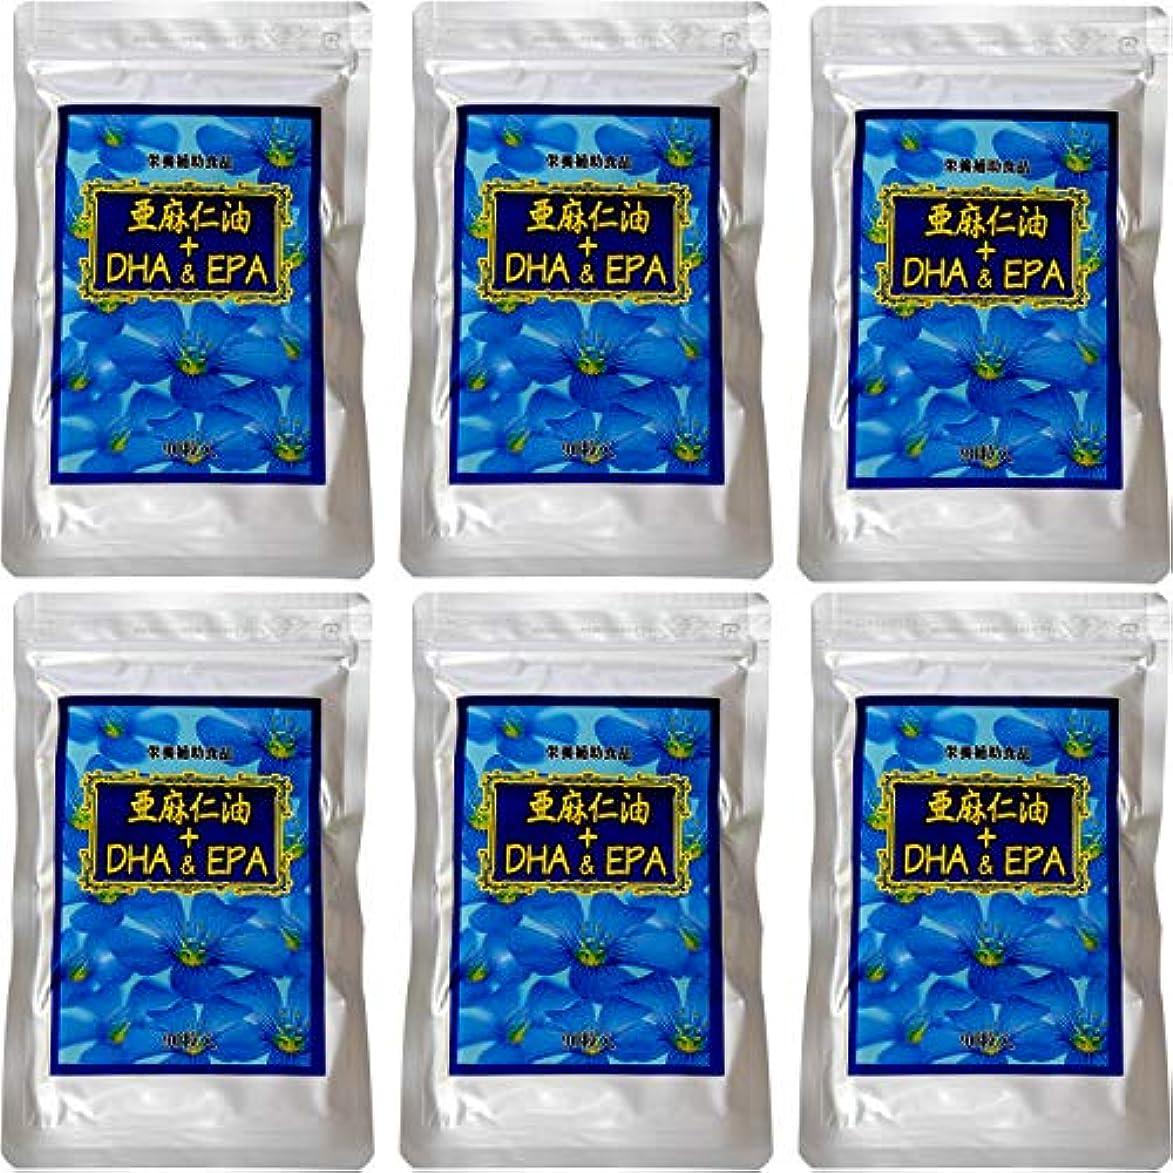 トイレ仮説コンセンサスメディワン 亜麻仁油+DHA&EPA 90粒 【6袋セット】 栄養補助食品